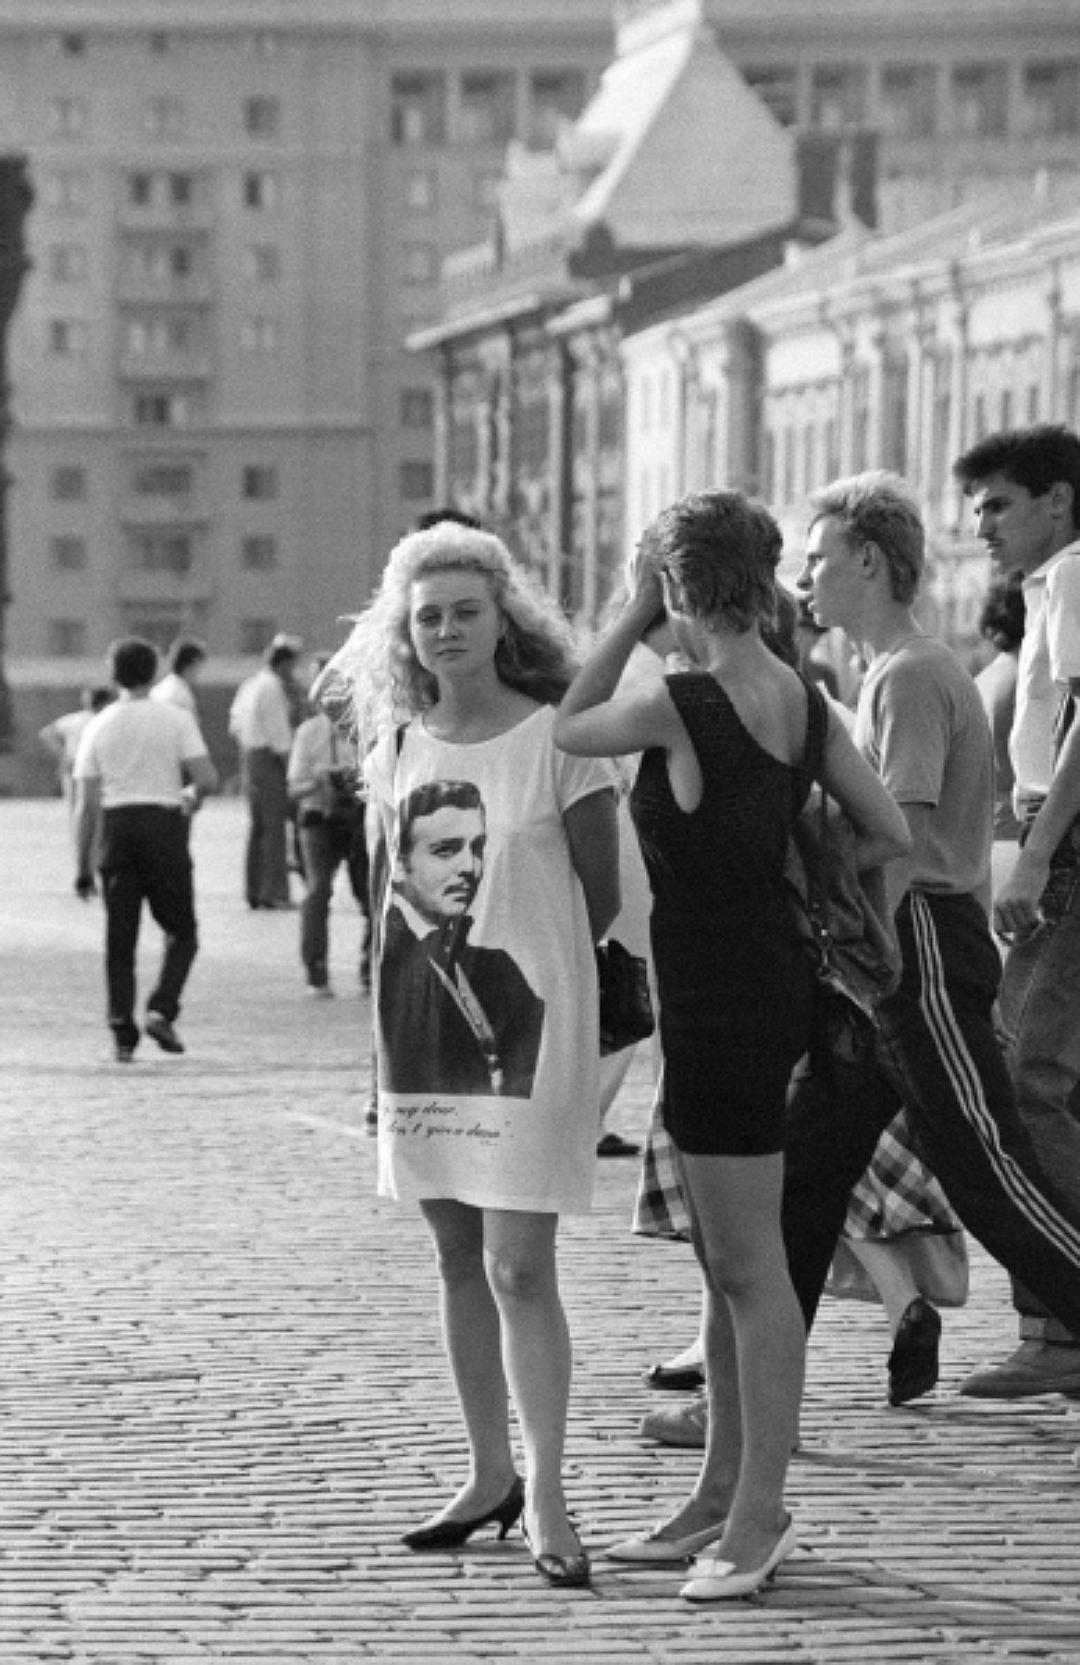 Модницы (платье с портретом!) на Красной площади в Москве, 1990 год. Кстати, о принтах. В 1997 году,